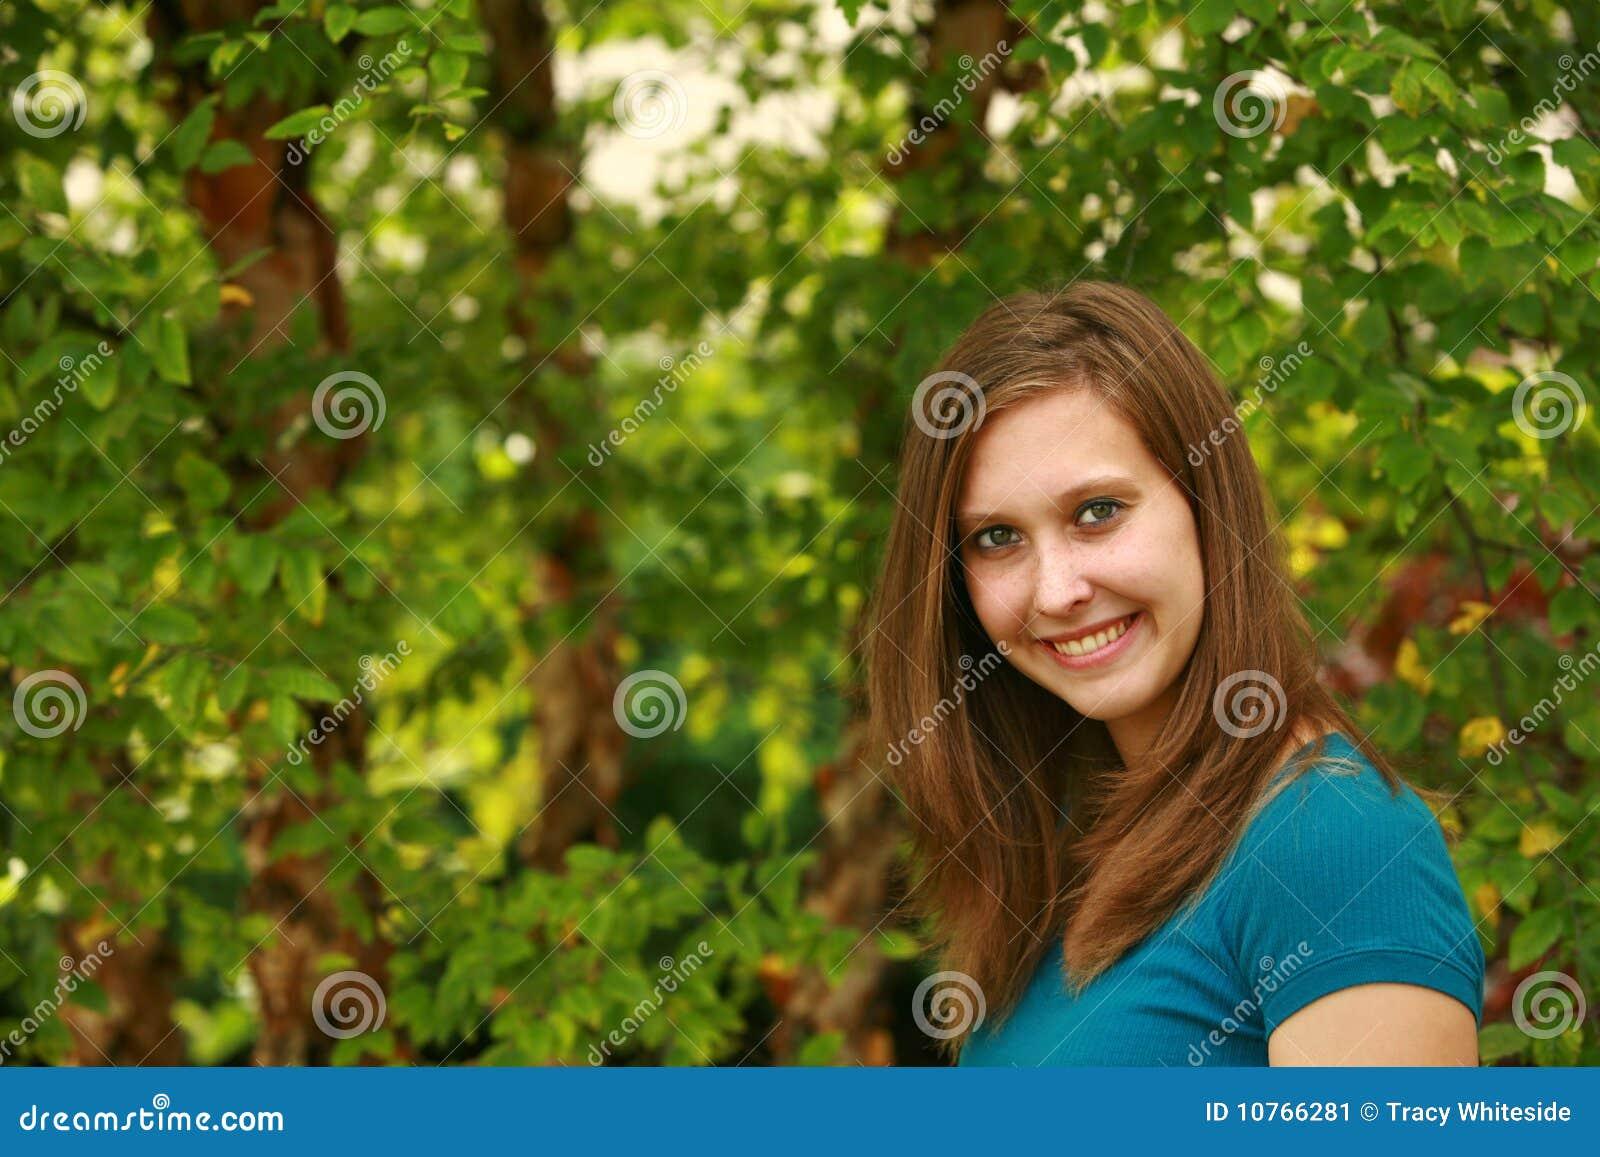 ελεύθερα Έφηβος/η κορίτσια εικόνες